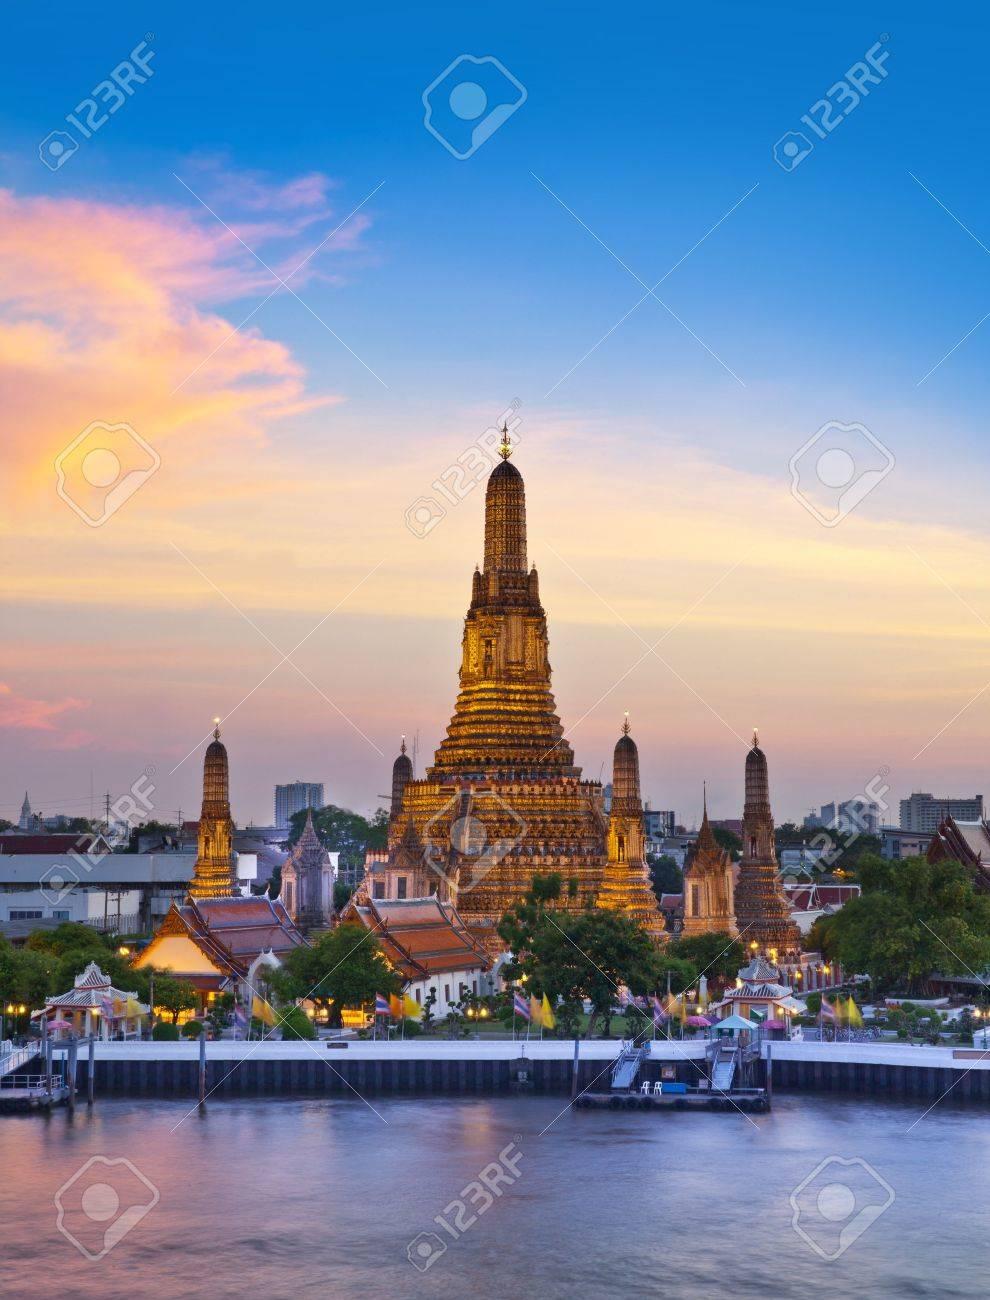 Wat Arun, Landmark and No. 1 tourist attractions in Thailand - 19420997